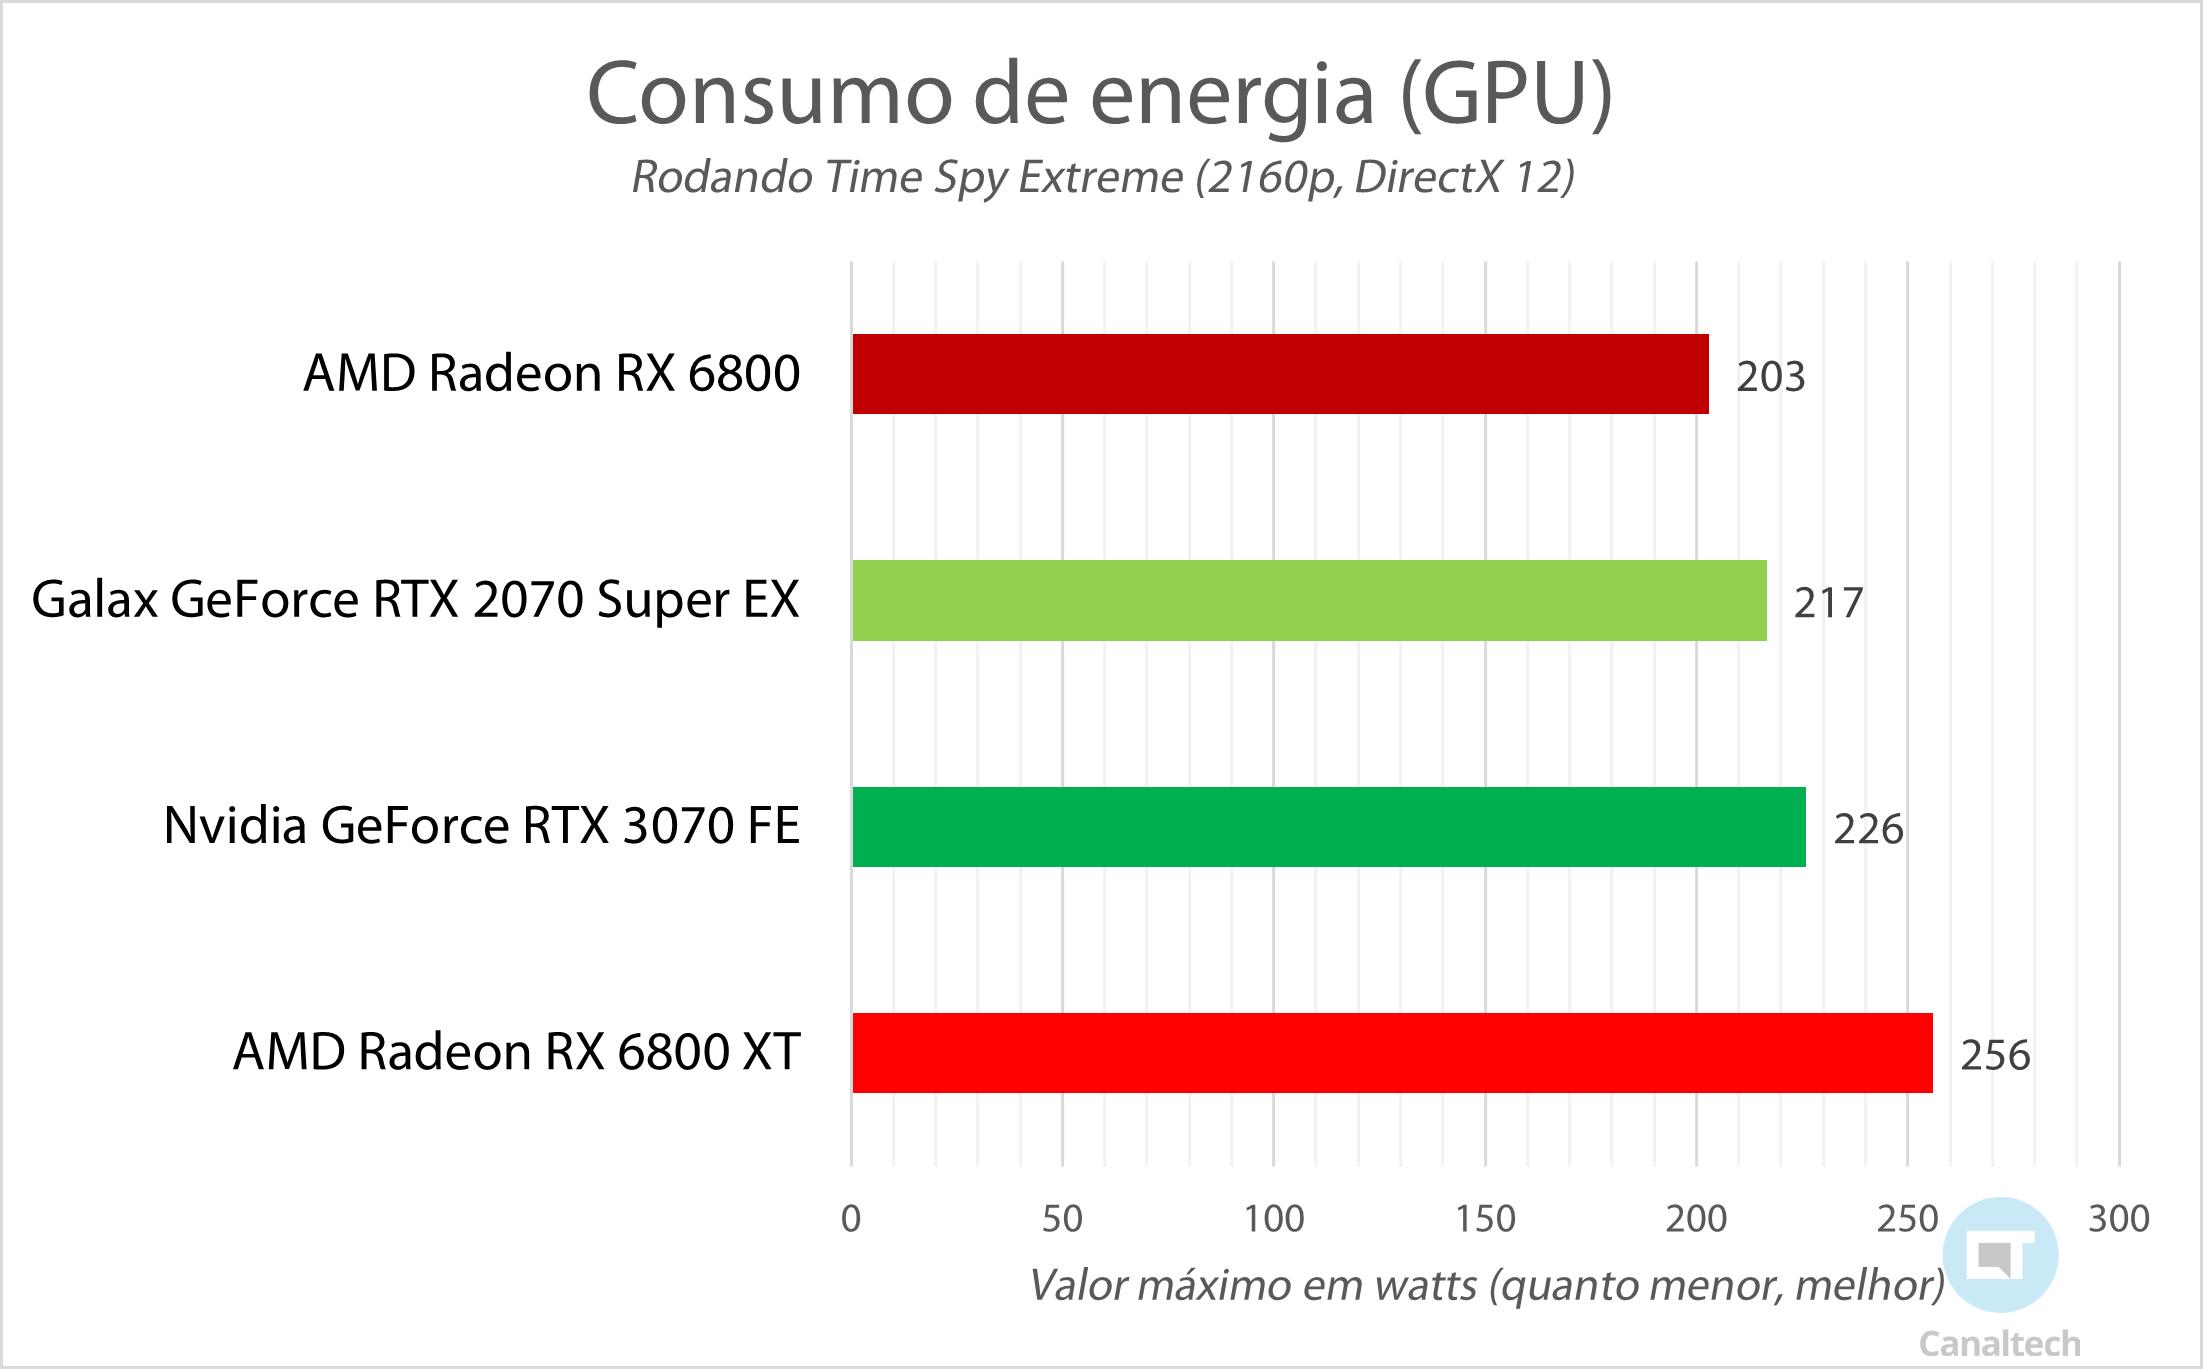 Benchmark de consumo de energia: medição com sistema rodando Time Spy Extreme